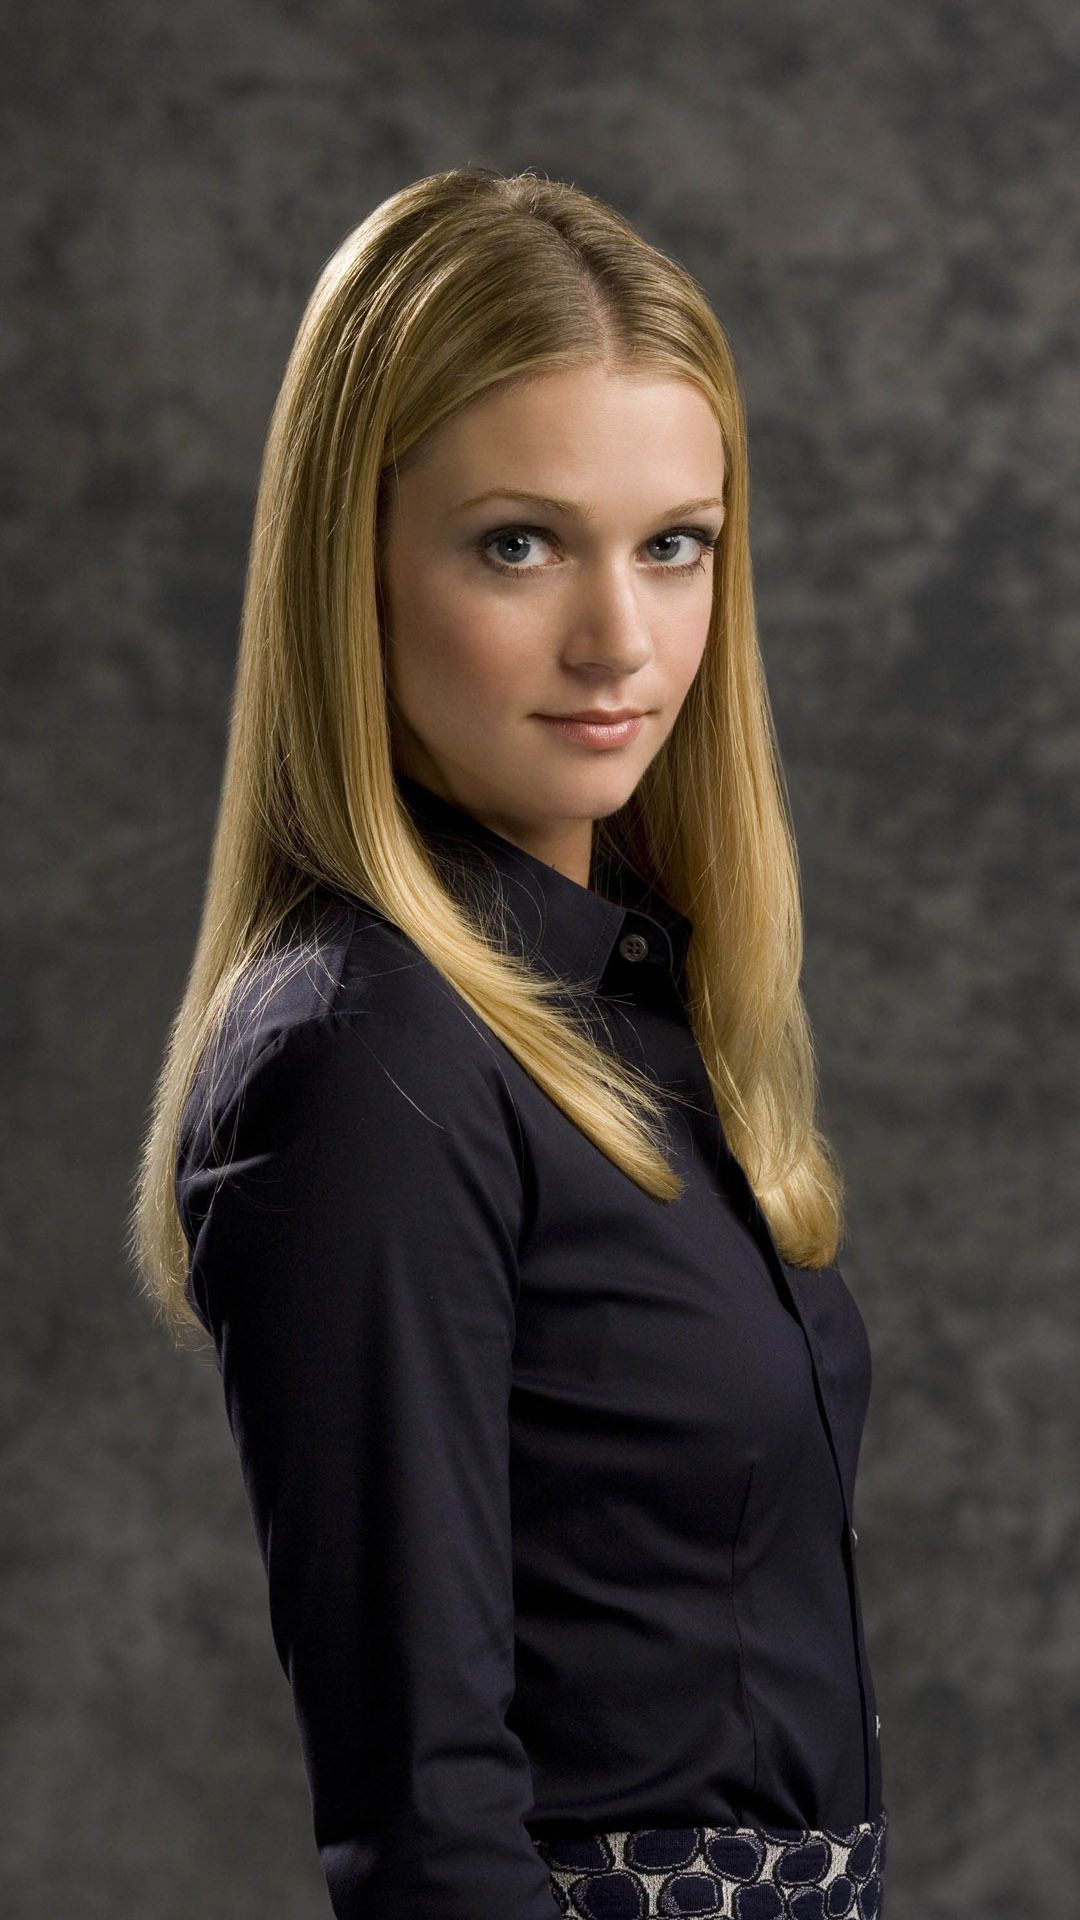 Florence Barker (actress)